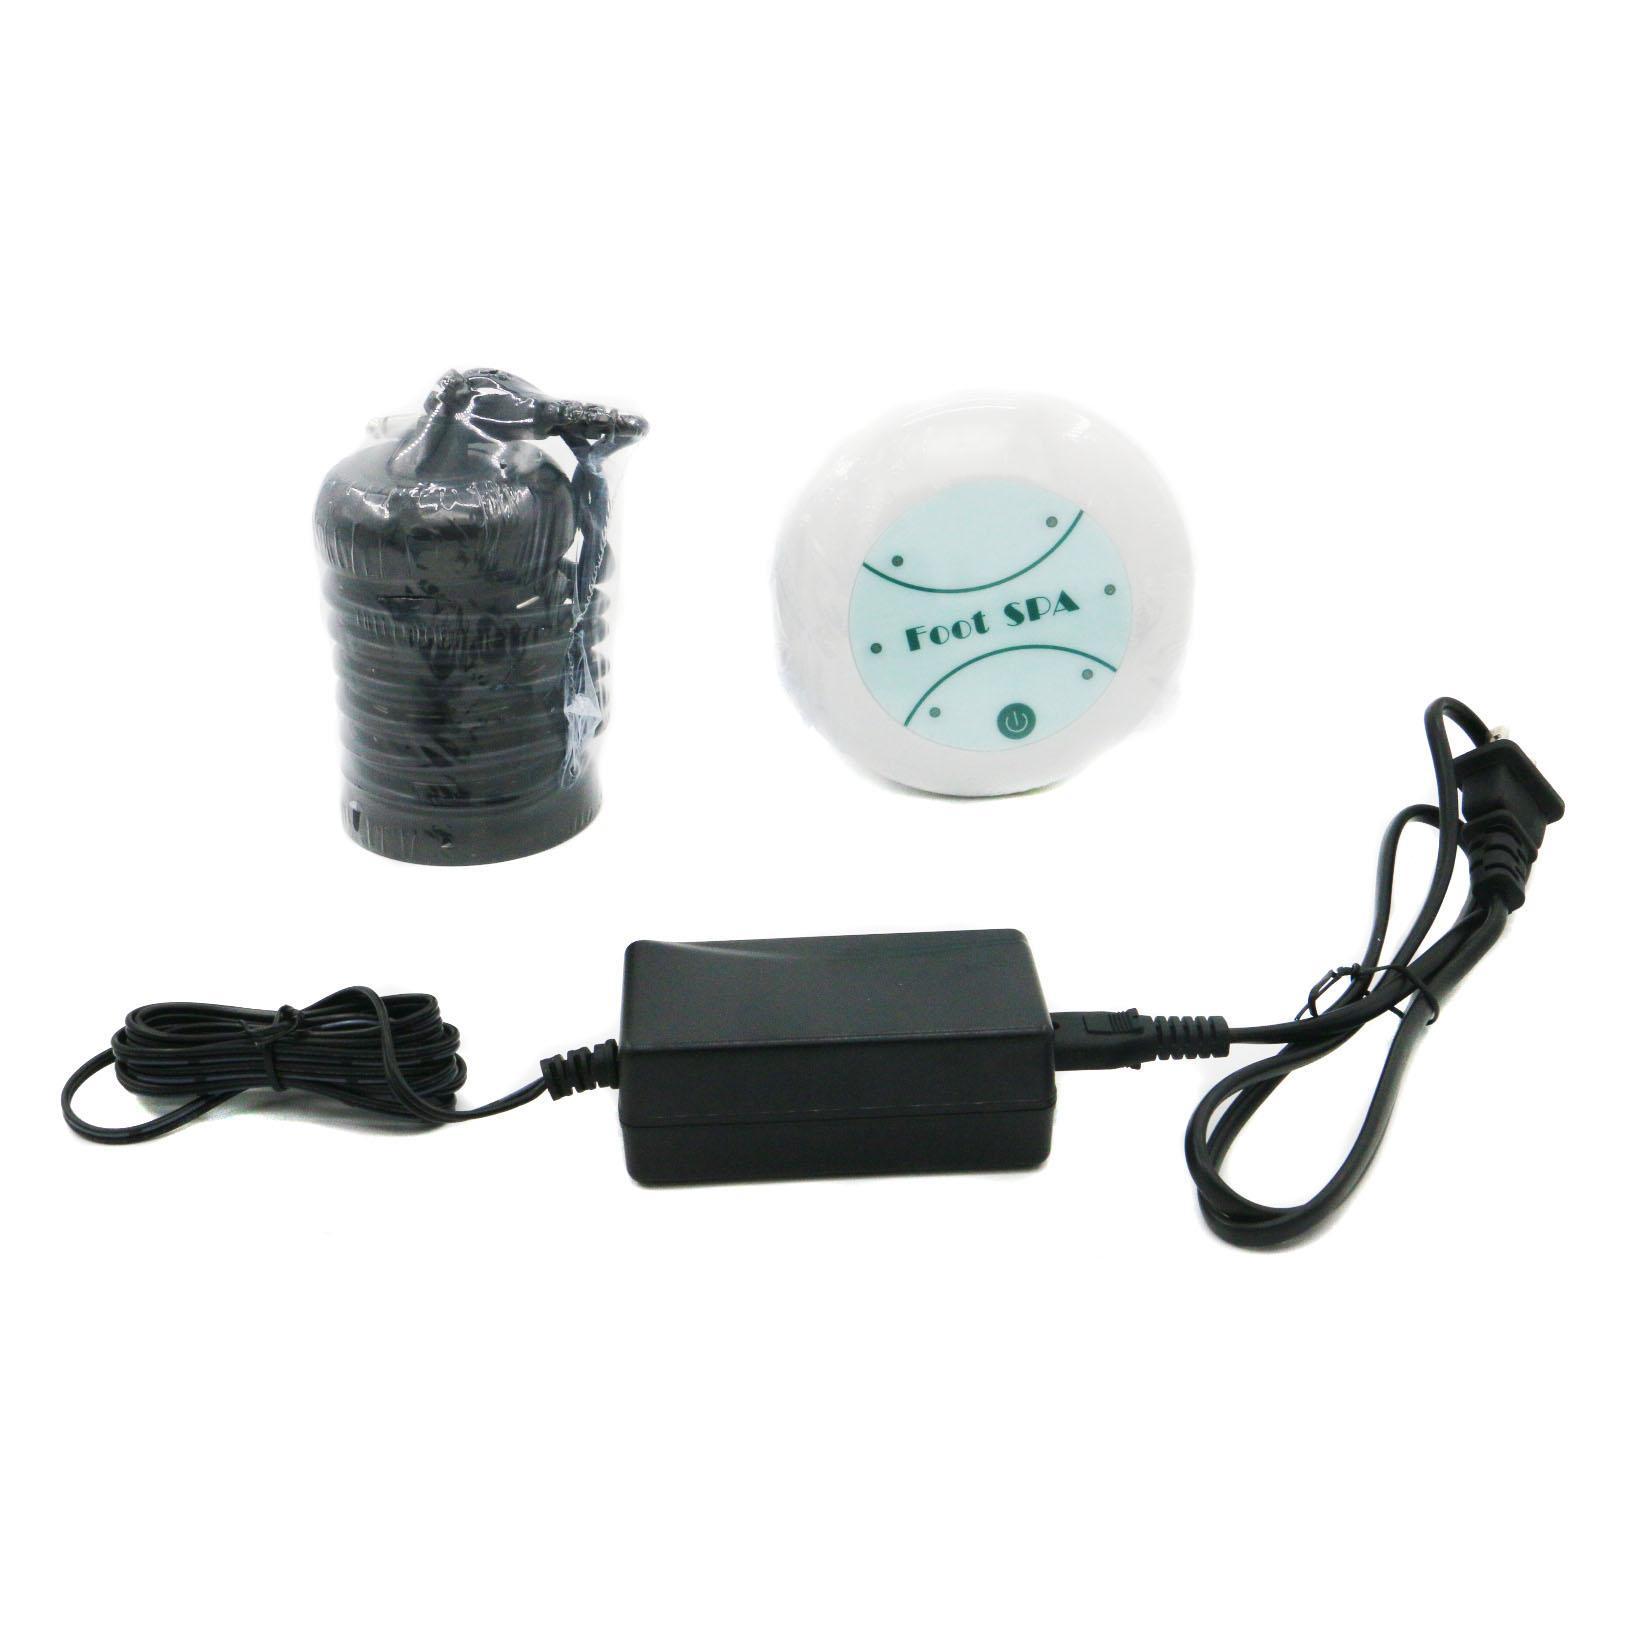 1 세트 미니 해독 기계 셀 기계 이온 정화 이온 해독 발 스파 아쿠아 발 목욕 마사지 해독 발 목욕 1piece C08-802FS 블랙 어레이